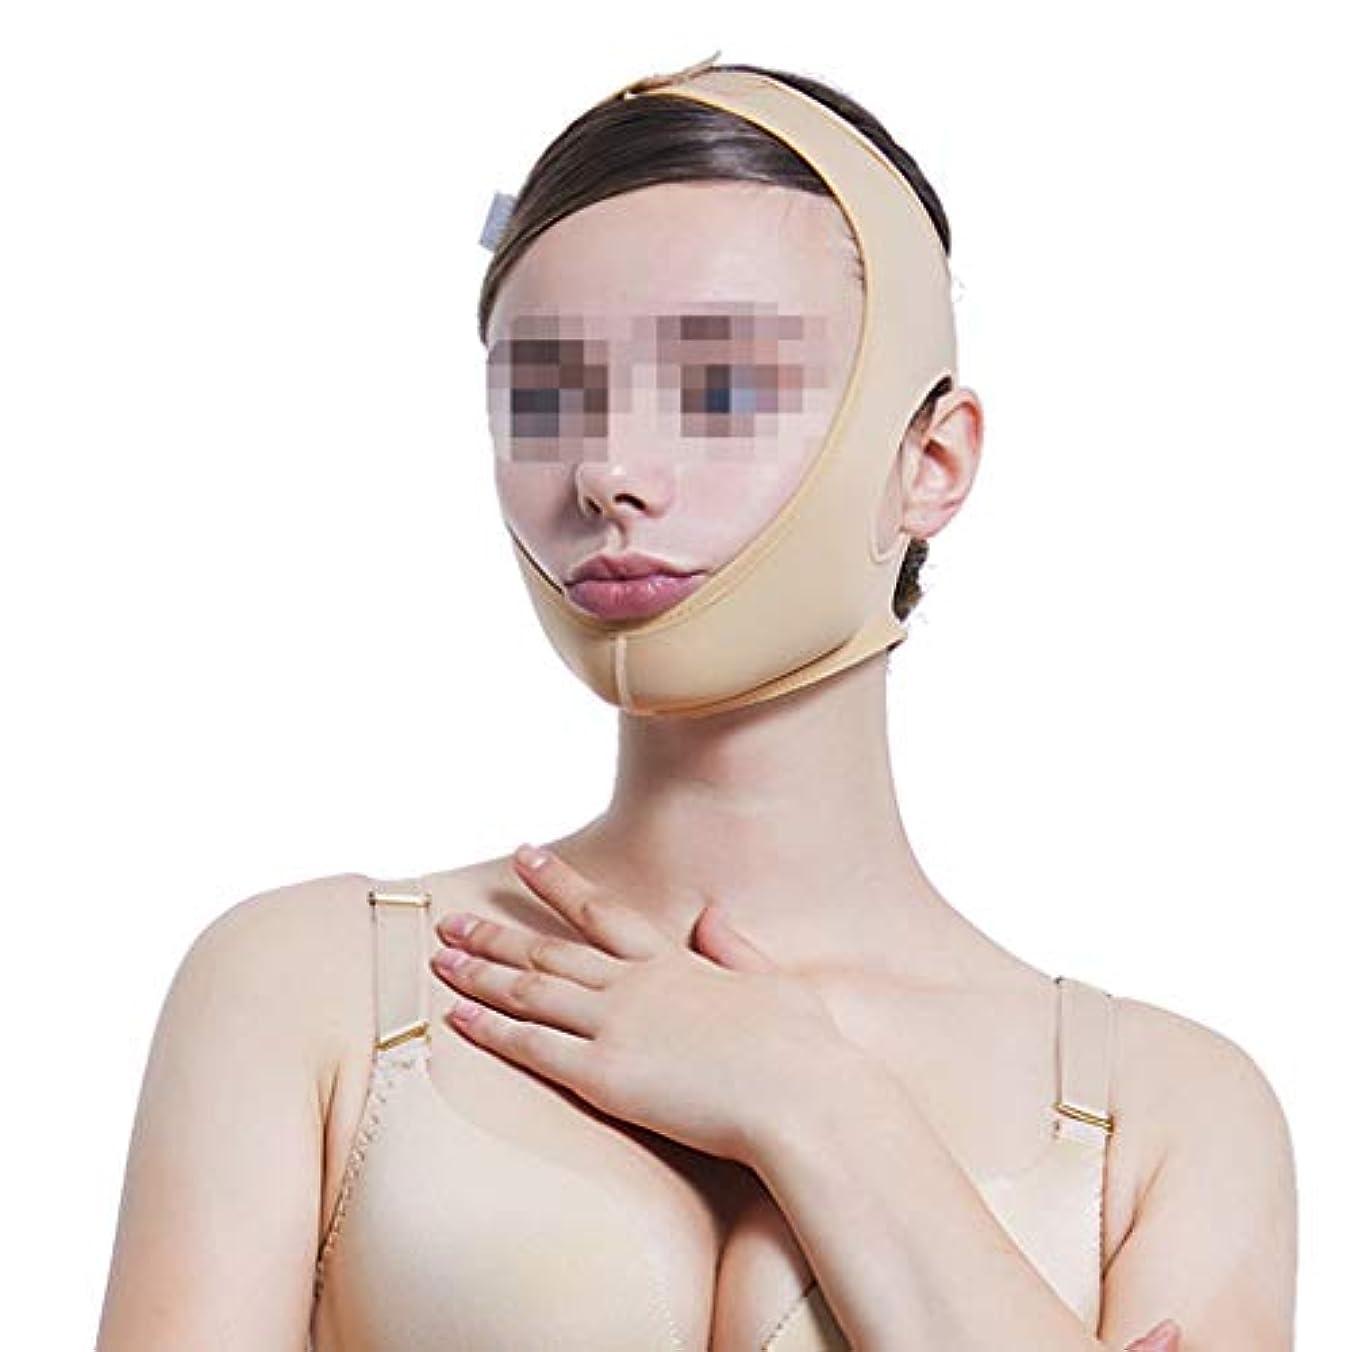 適応的ご飯きらめきXHLMRMJ ビームフェイス弾性ヘッドギア、二重あごの顎セットにマスクの後に線彫り薄いフェイス包帯マルチサイズオプション (Size : XXL)